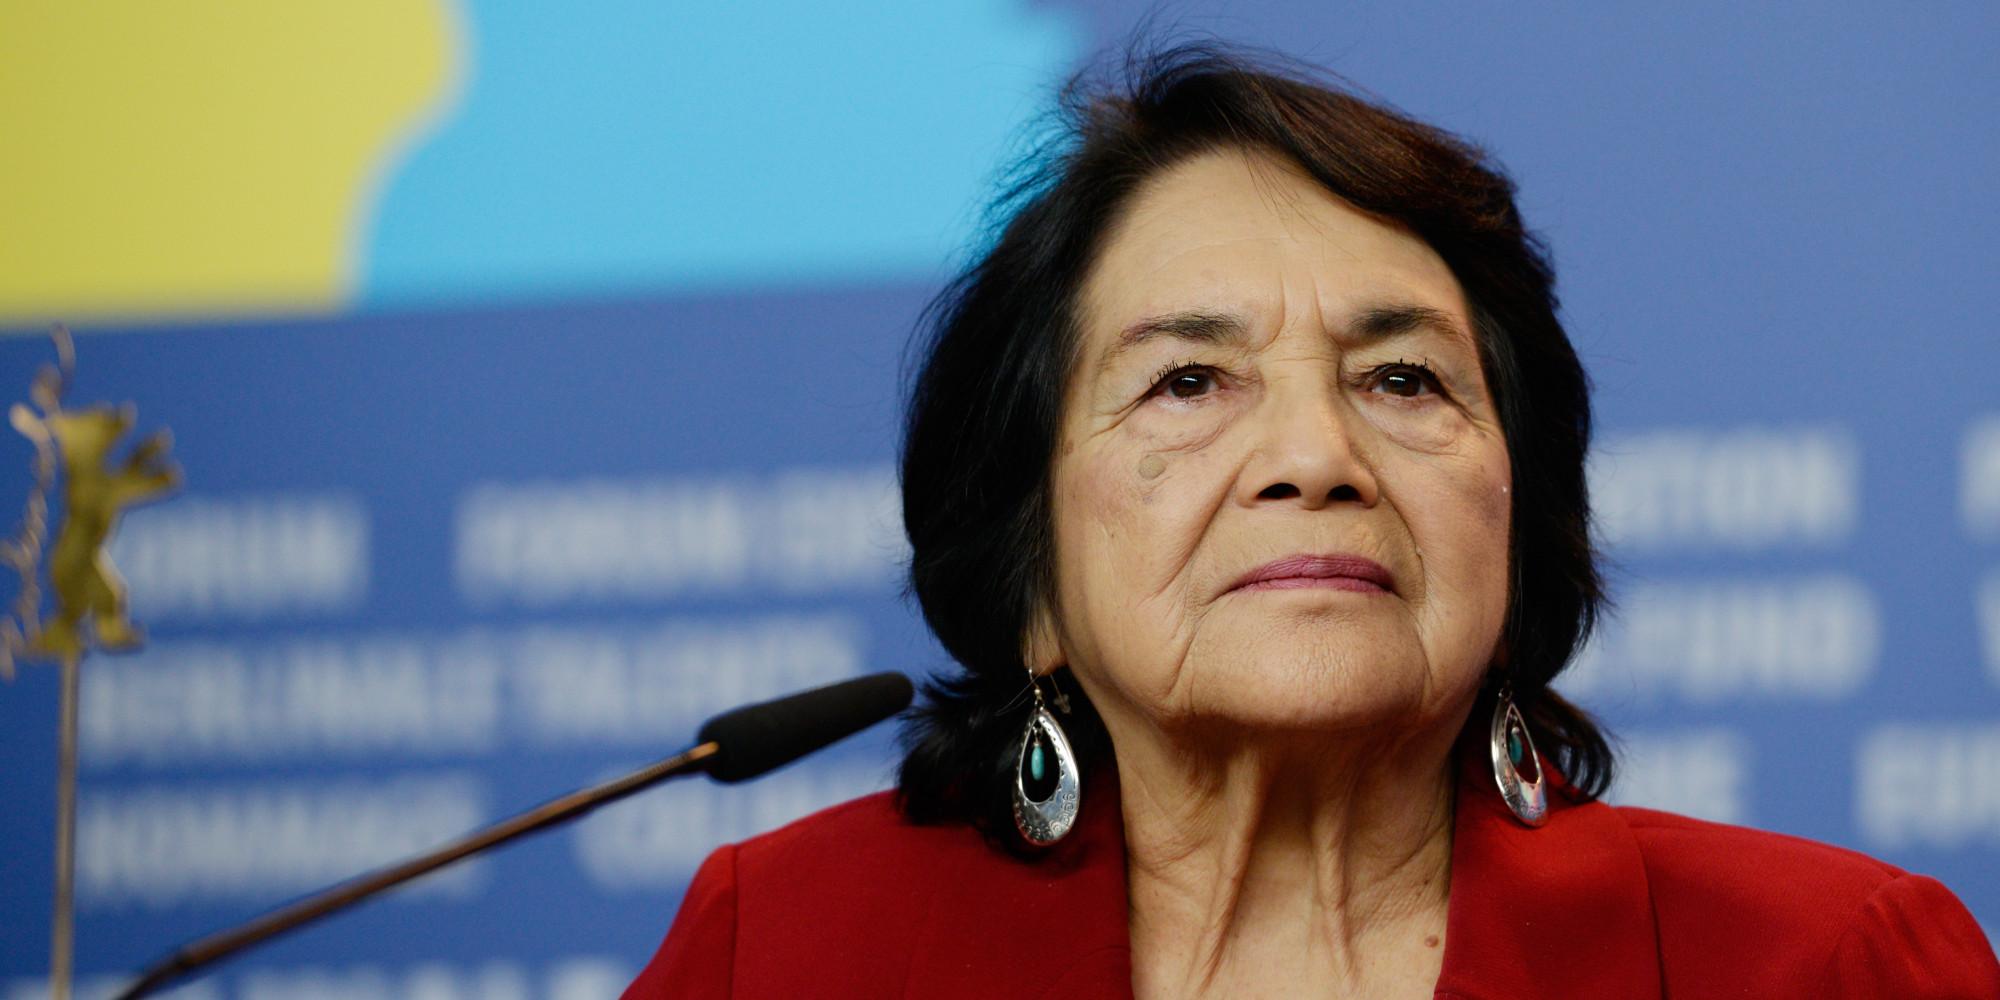 Social activist Dolores Huerta to visit Notre Dame